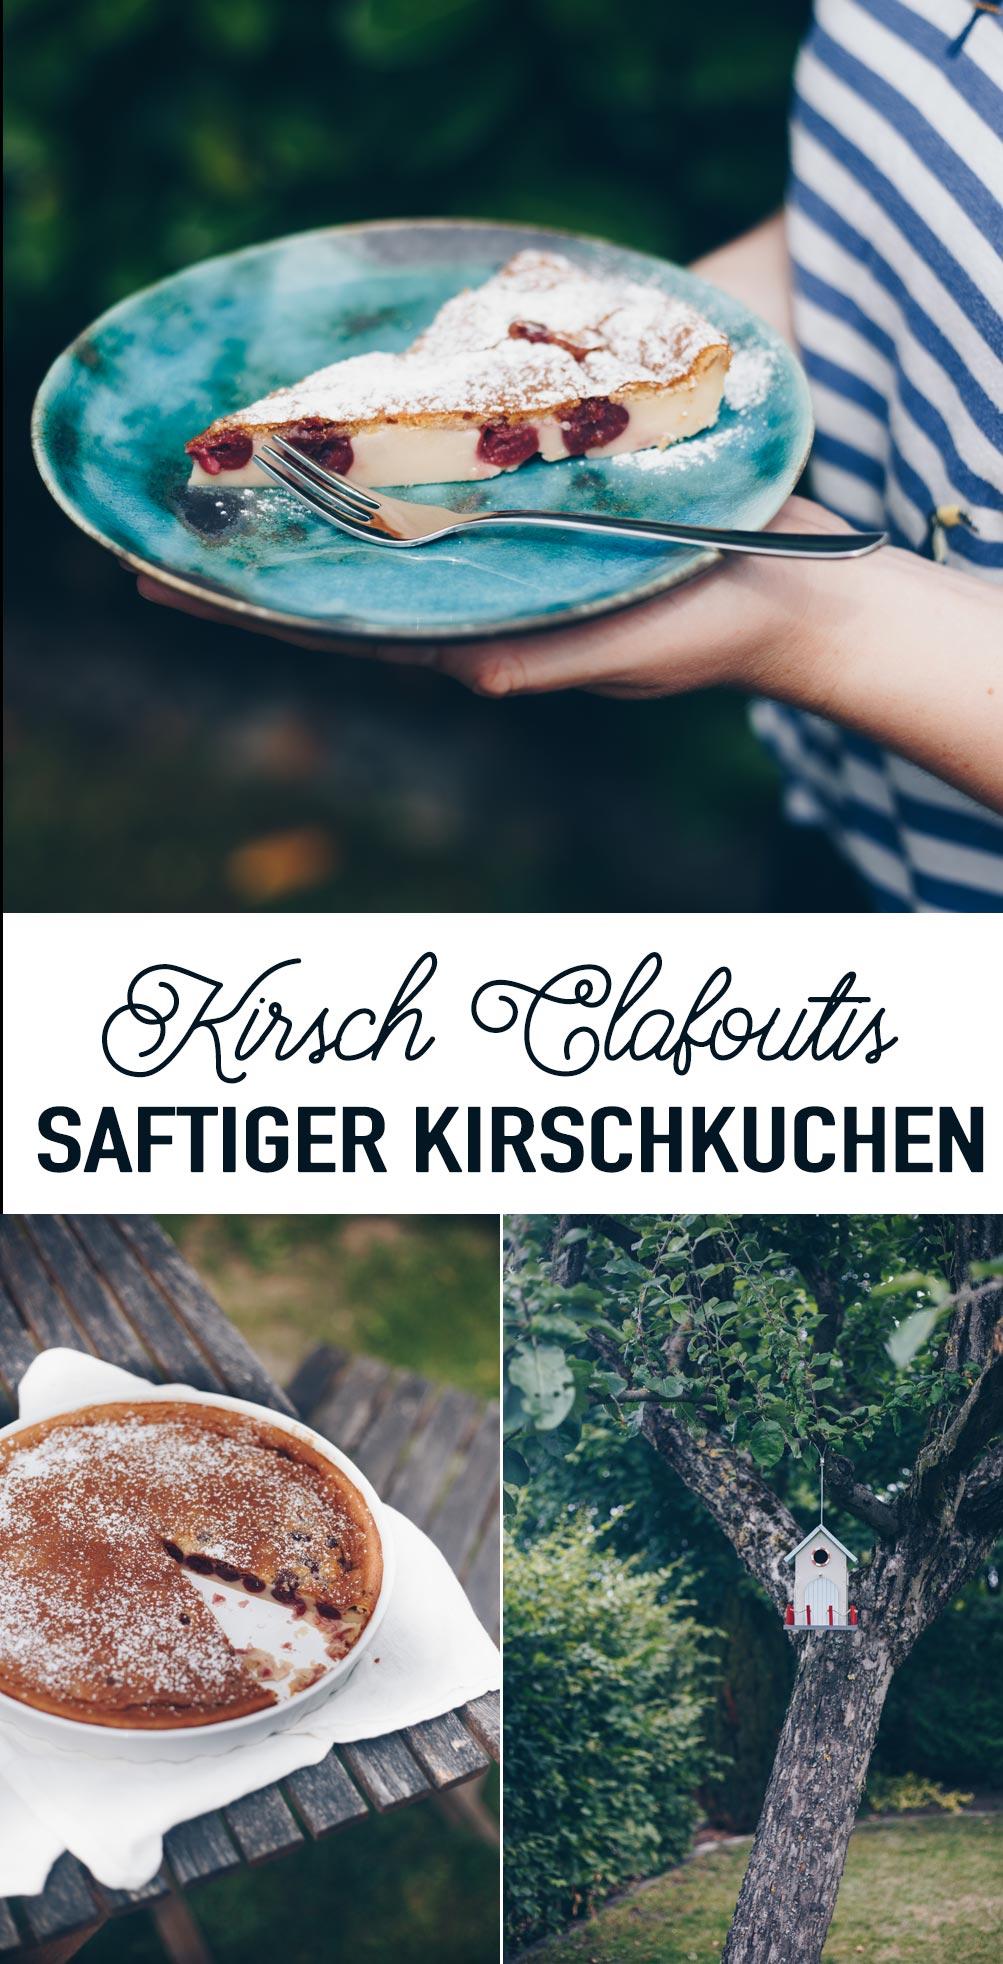 Kirsch Clafoutis - Rezept für saftigen Kirschkuchen